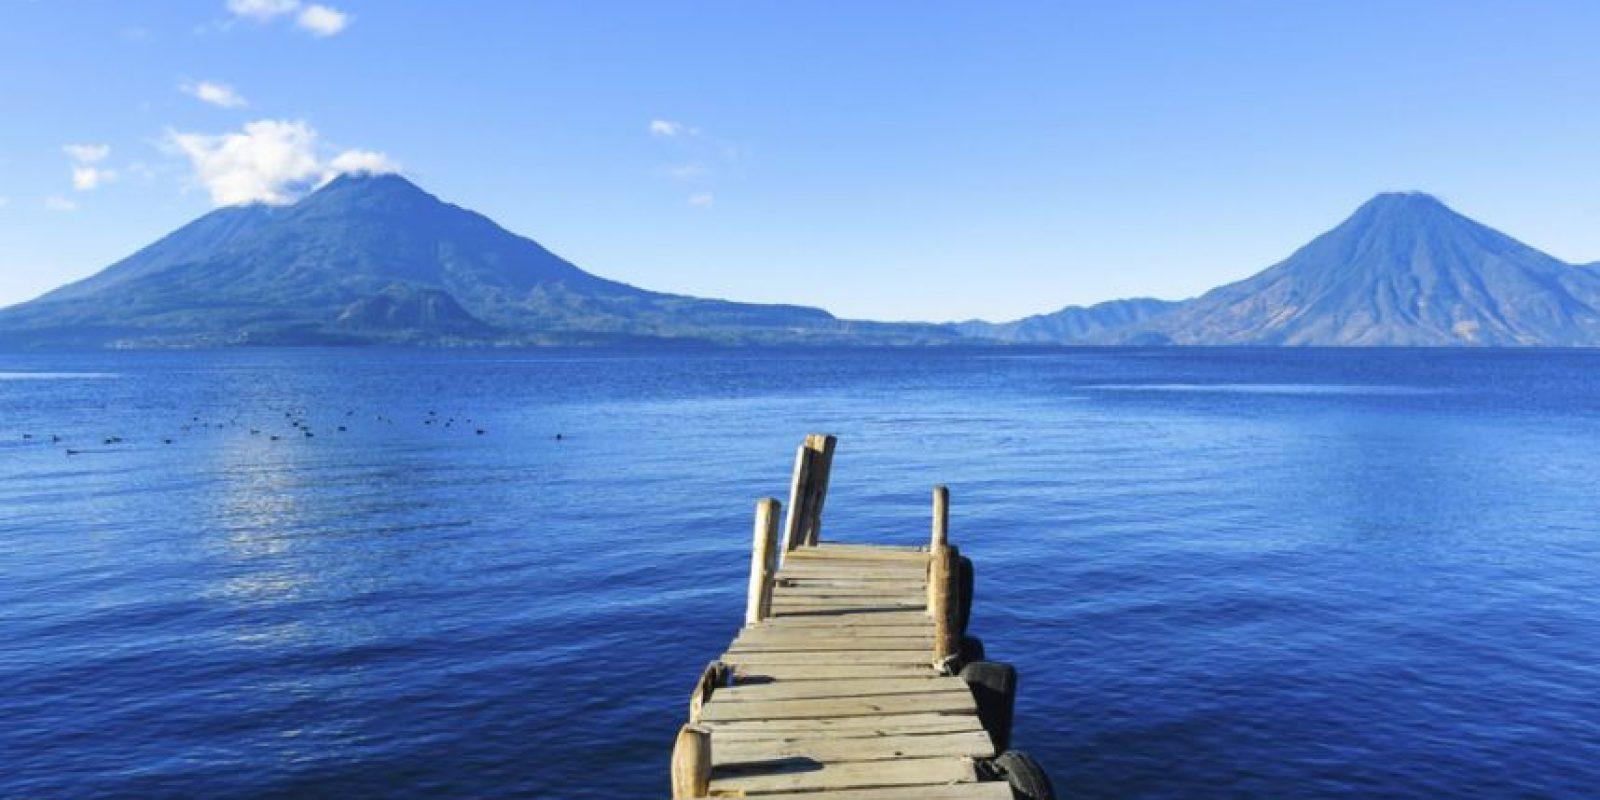 El famoso Lago de Atitlán es el cuerpo de agua más feo que hayas visto. Foto:http://www.buzzfeed.com/